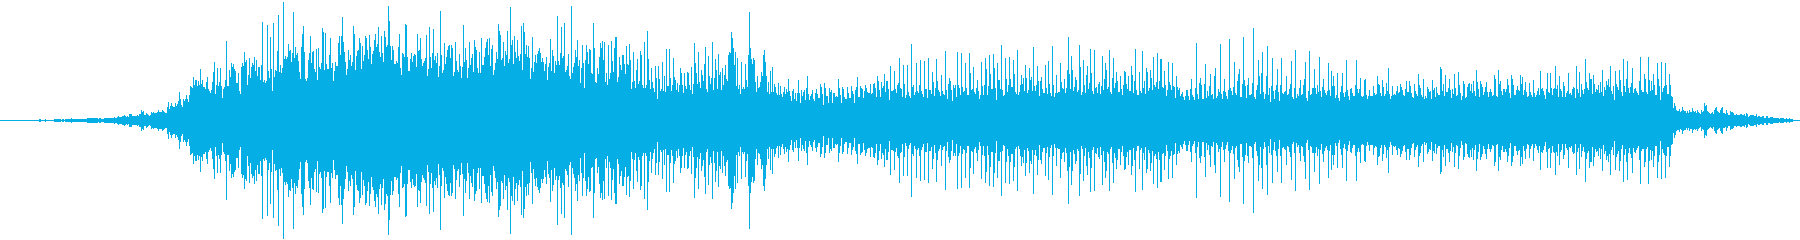 ビンテージ 車 シボレー57レーシ...の再生済みの波形